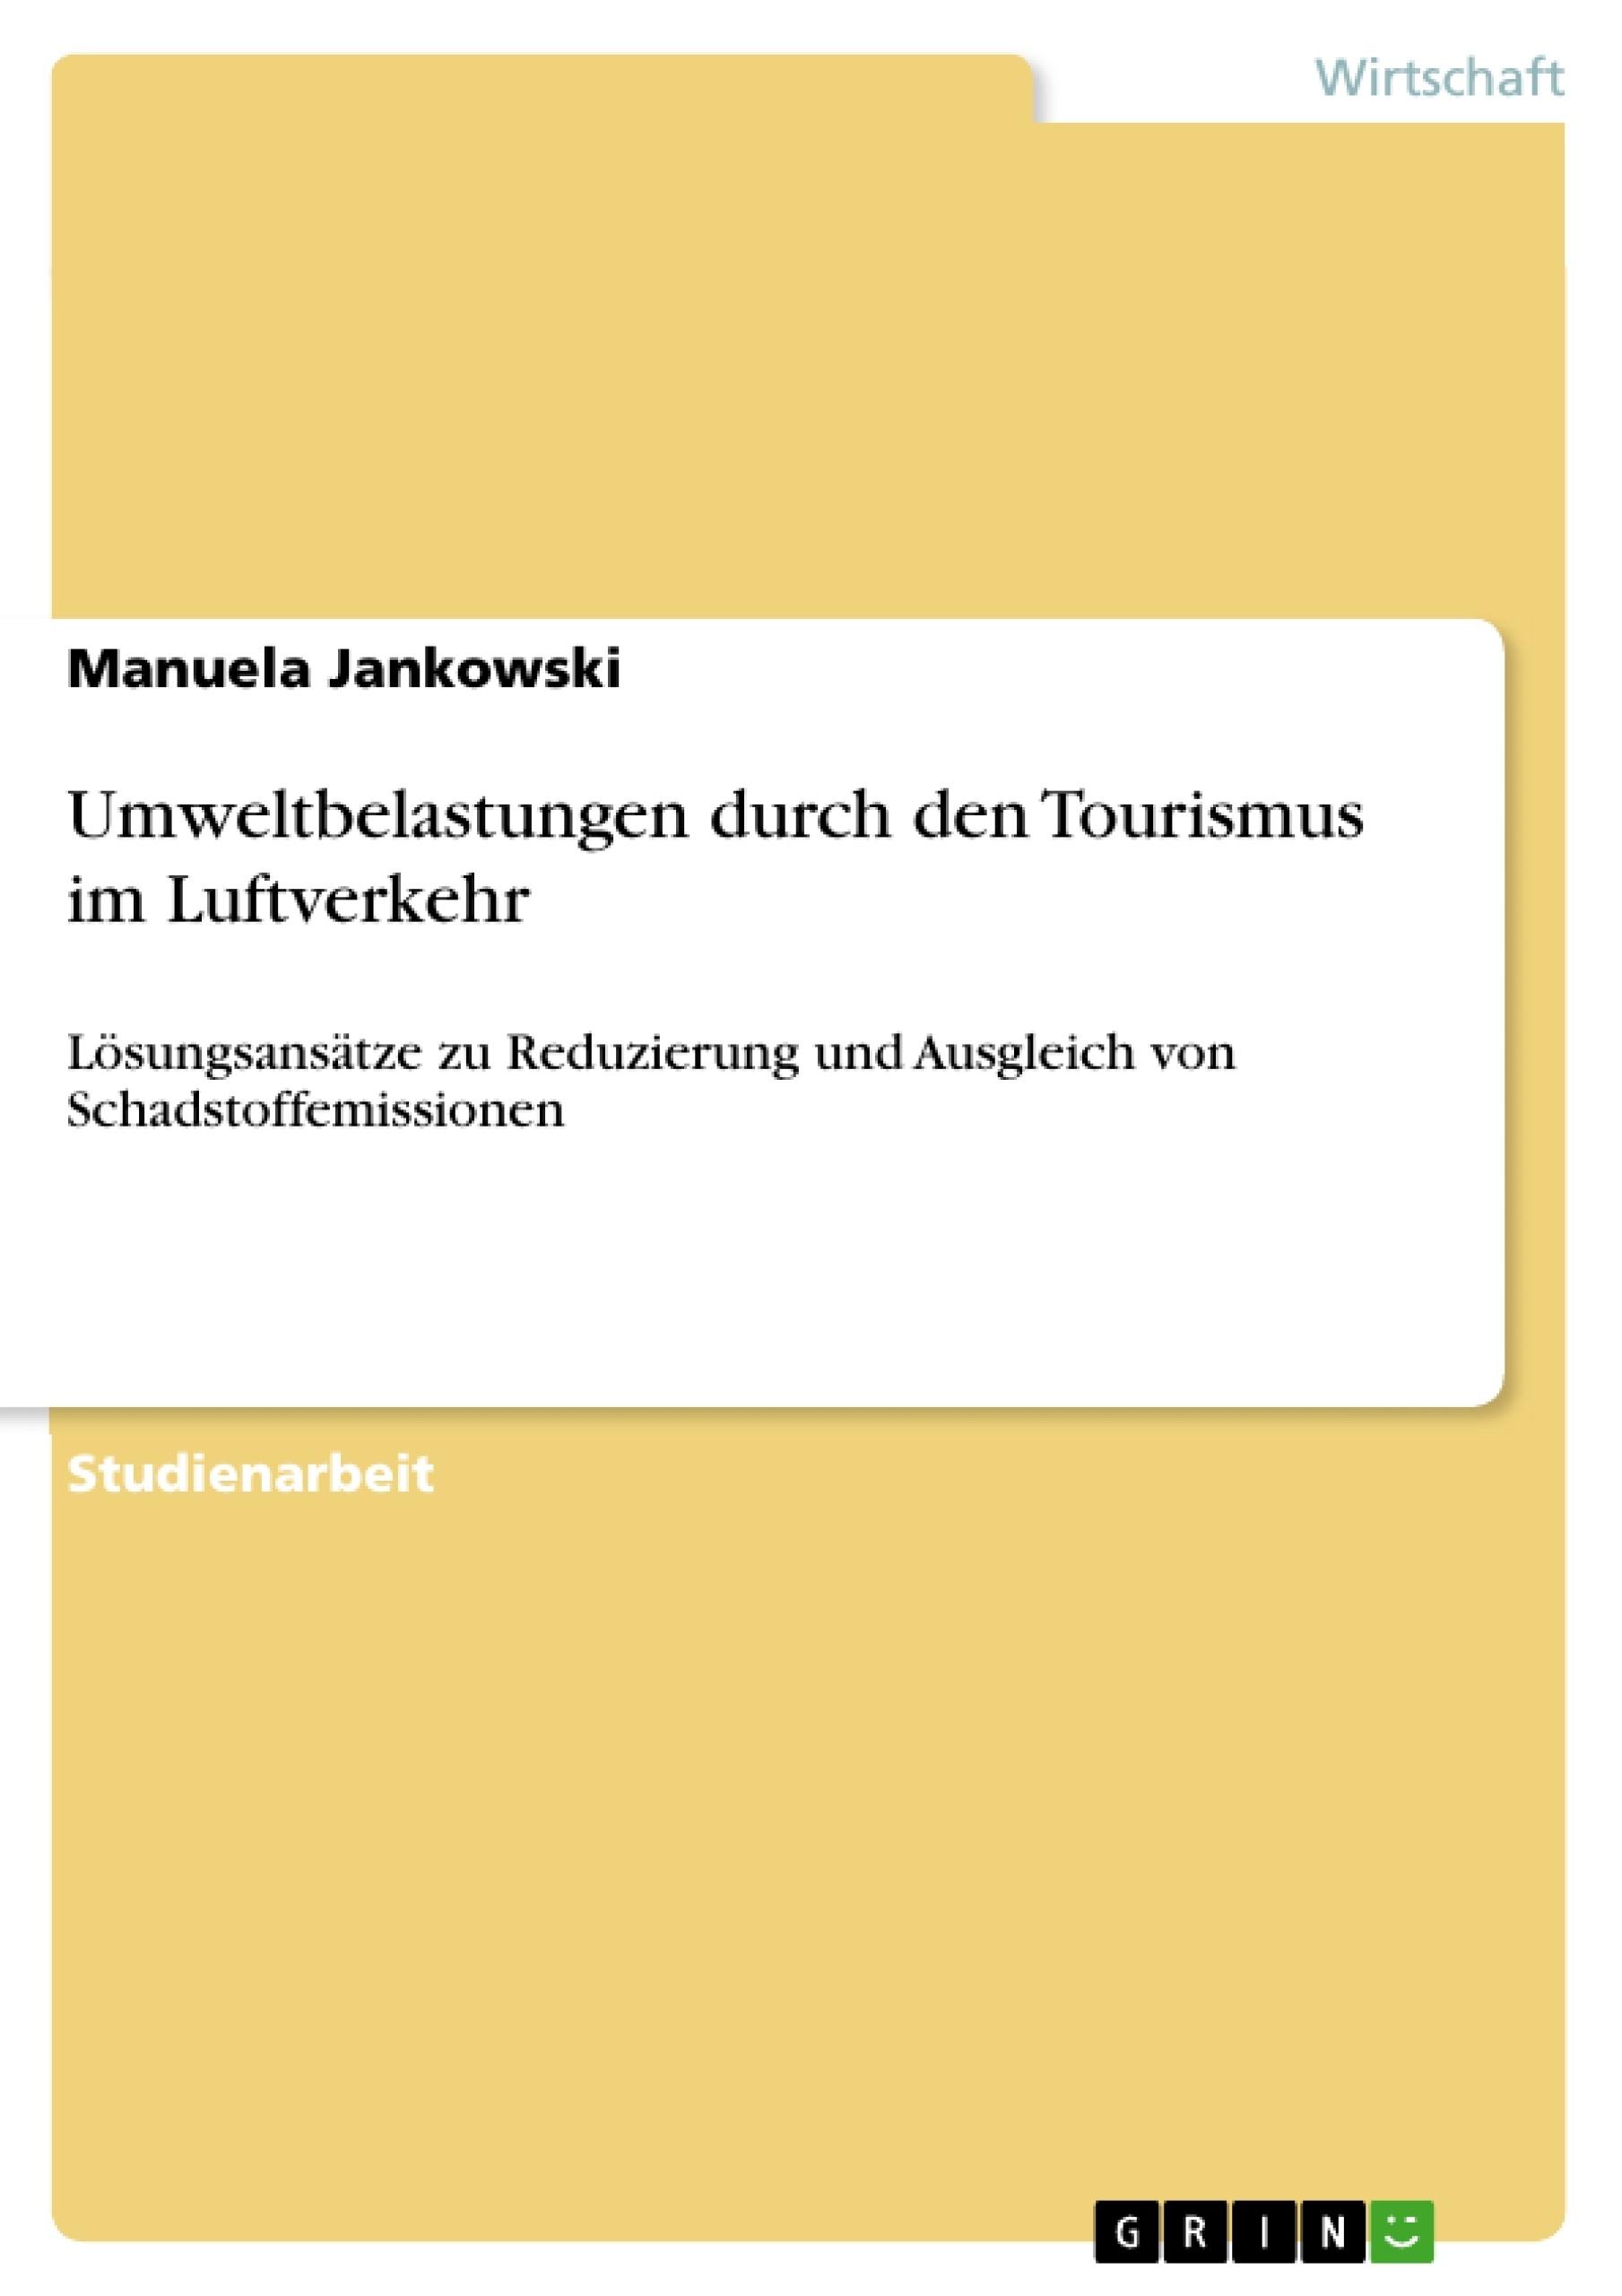 Titel: Umweltbelastungen durch den Tourismus im Luftverkehr